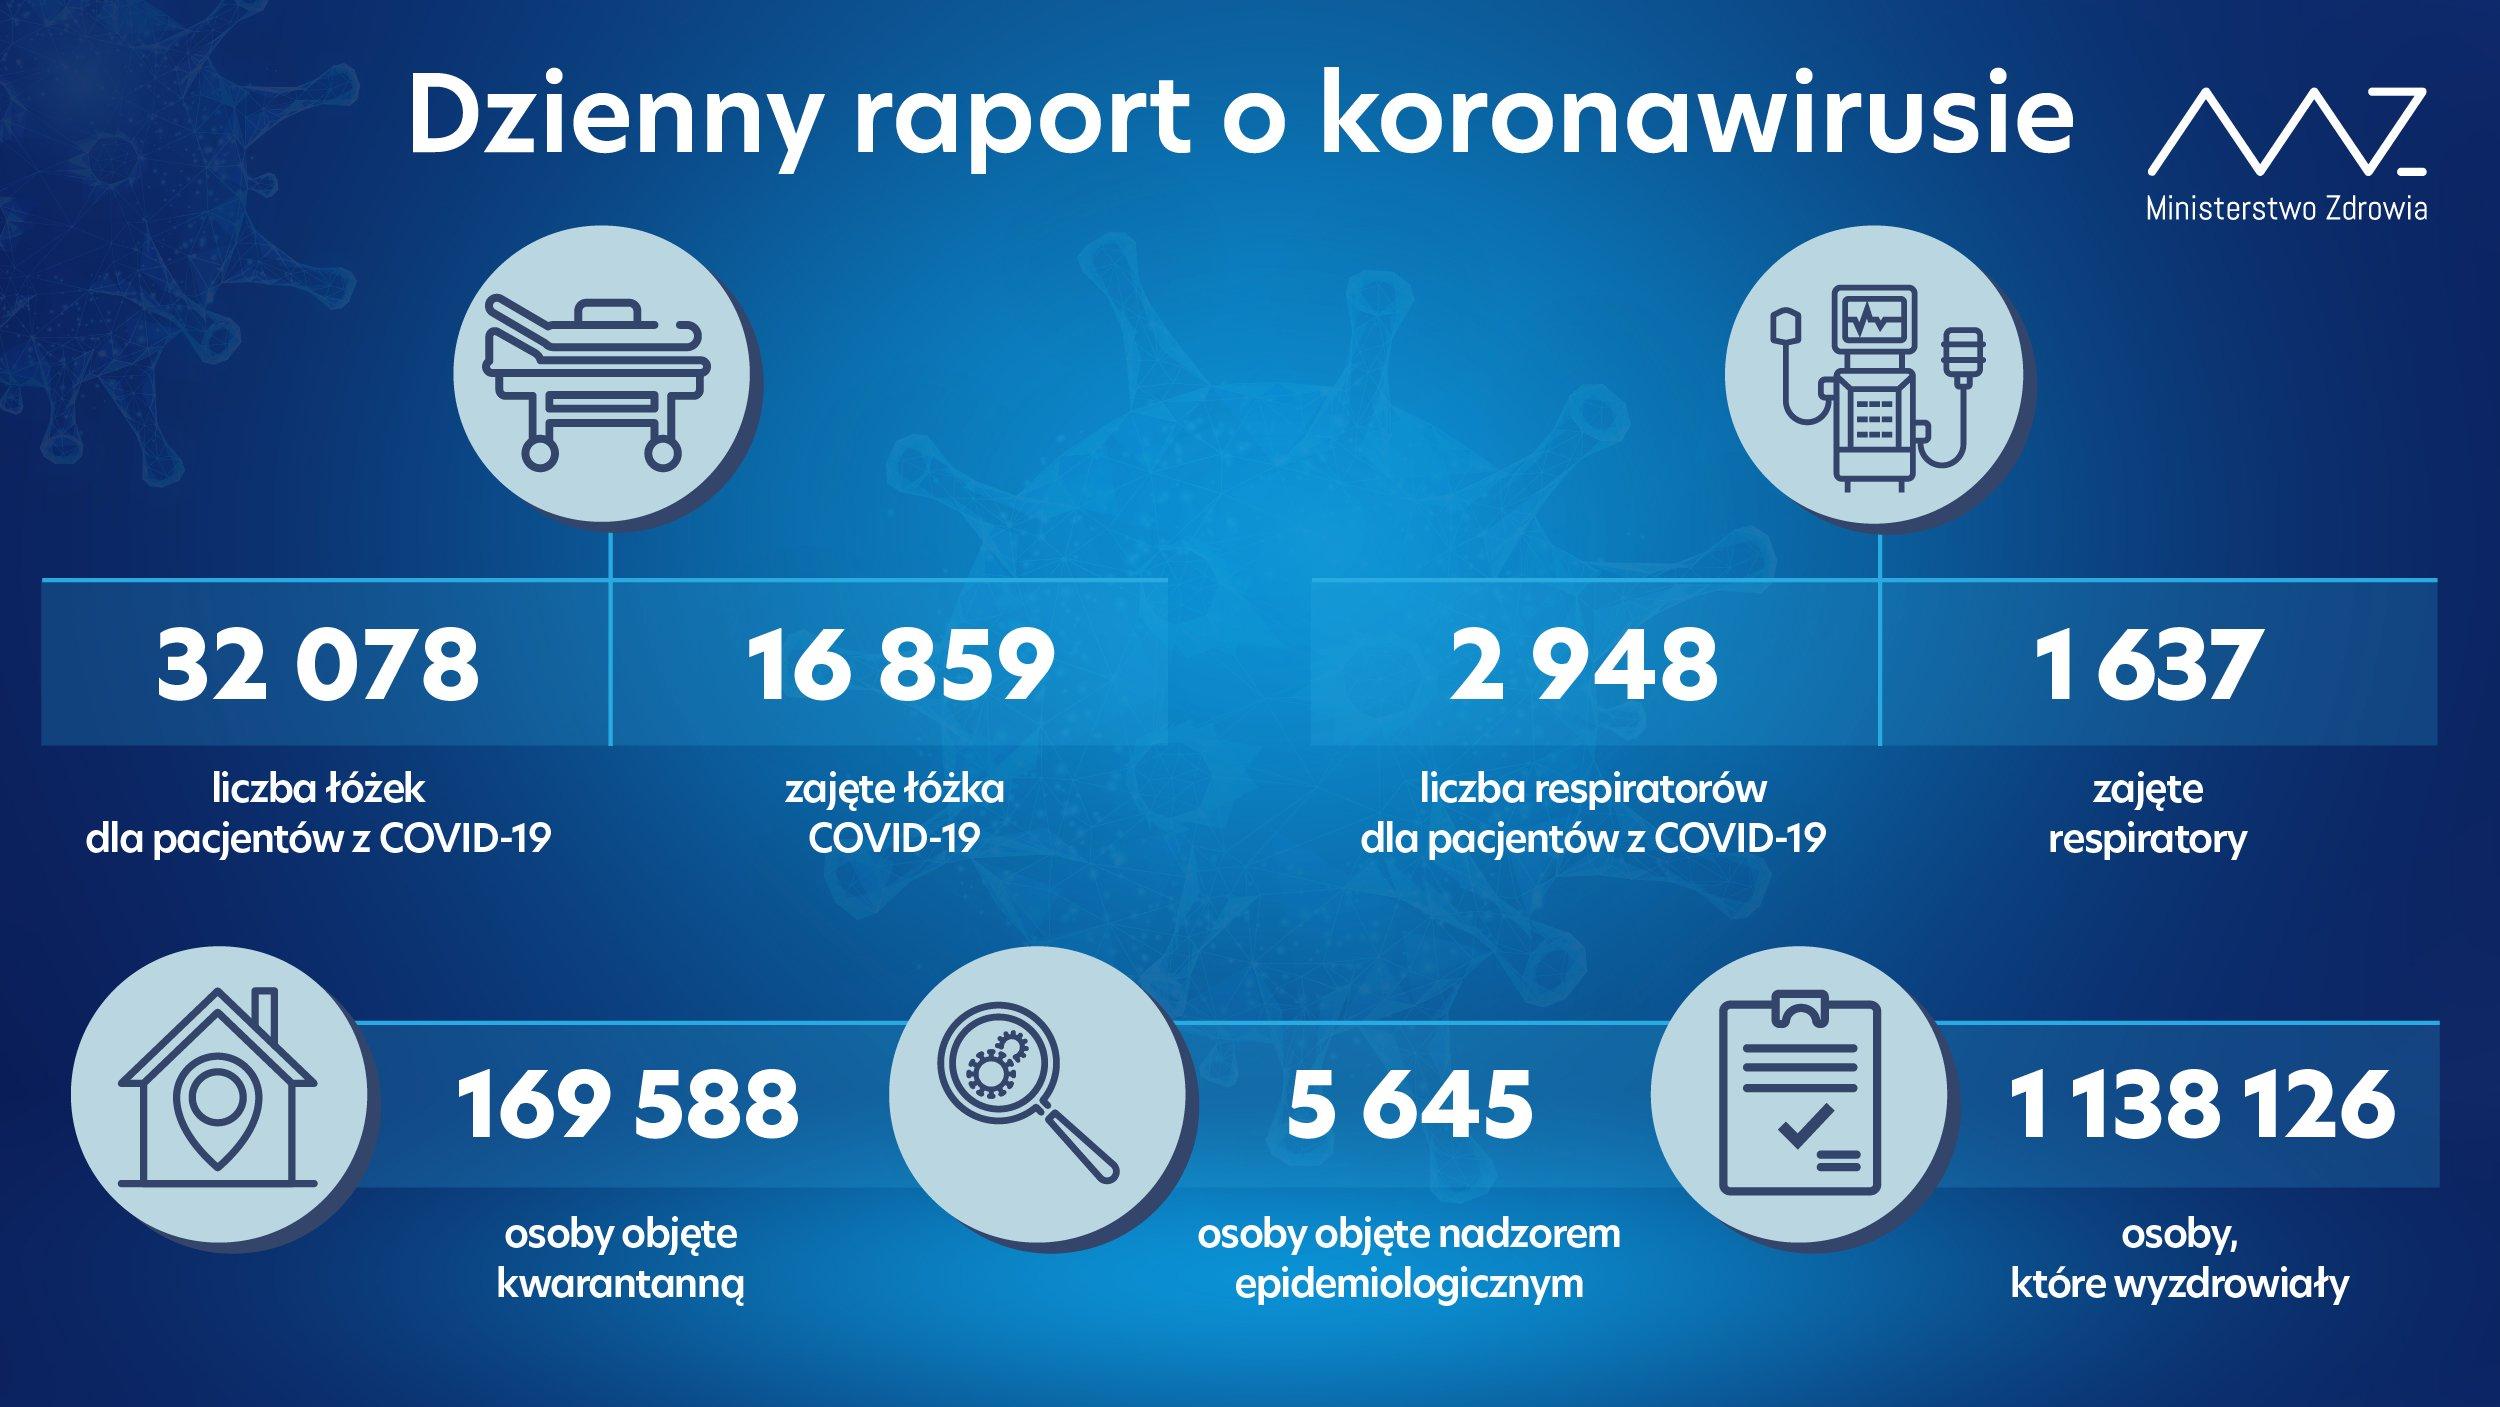 - liczba łóżek dla pacjentów z COVID-19: 32 078 - liczba łóżek zajętych: 16 859  - liczba respiratorów dla pacjentów z COVID-19: 2 948 - liczba zajętych respiratorów: 1 637  - liczba osób objętych kwarantanną: 169 588 - liczba osób objętych nadzorem sanitarno-epidemiologicznym: 5 645 - liczba osób, które wyzdrowiały: 1 138 126